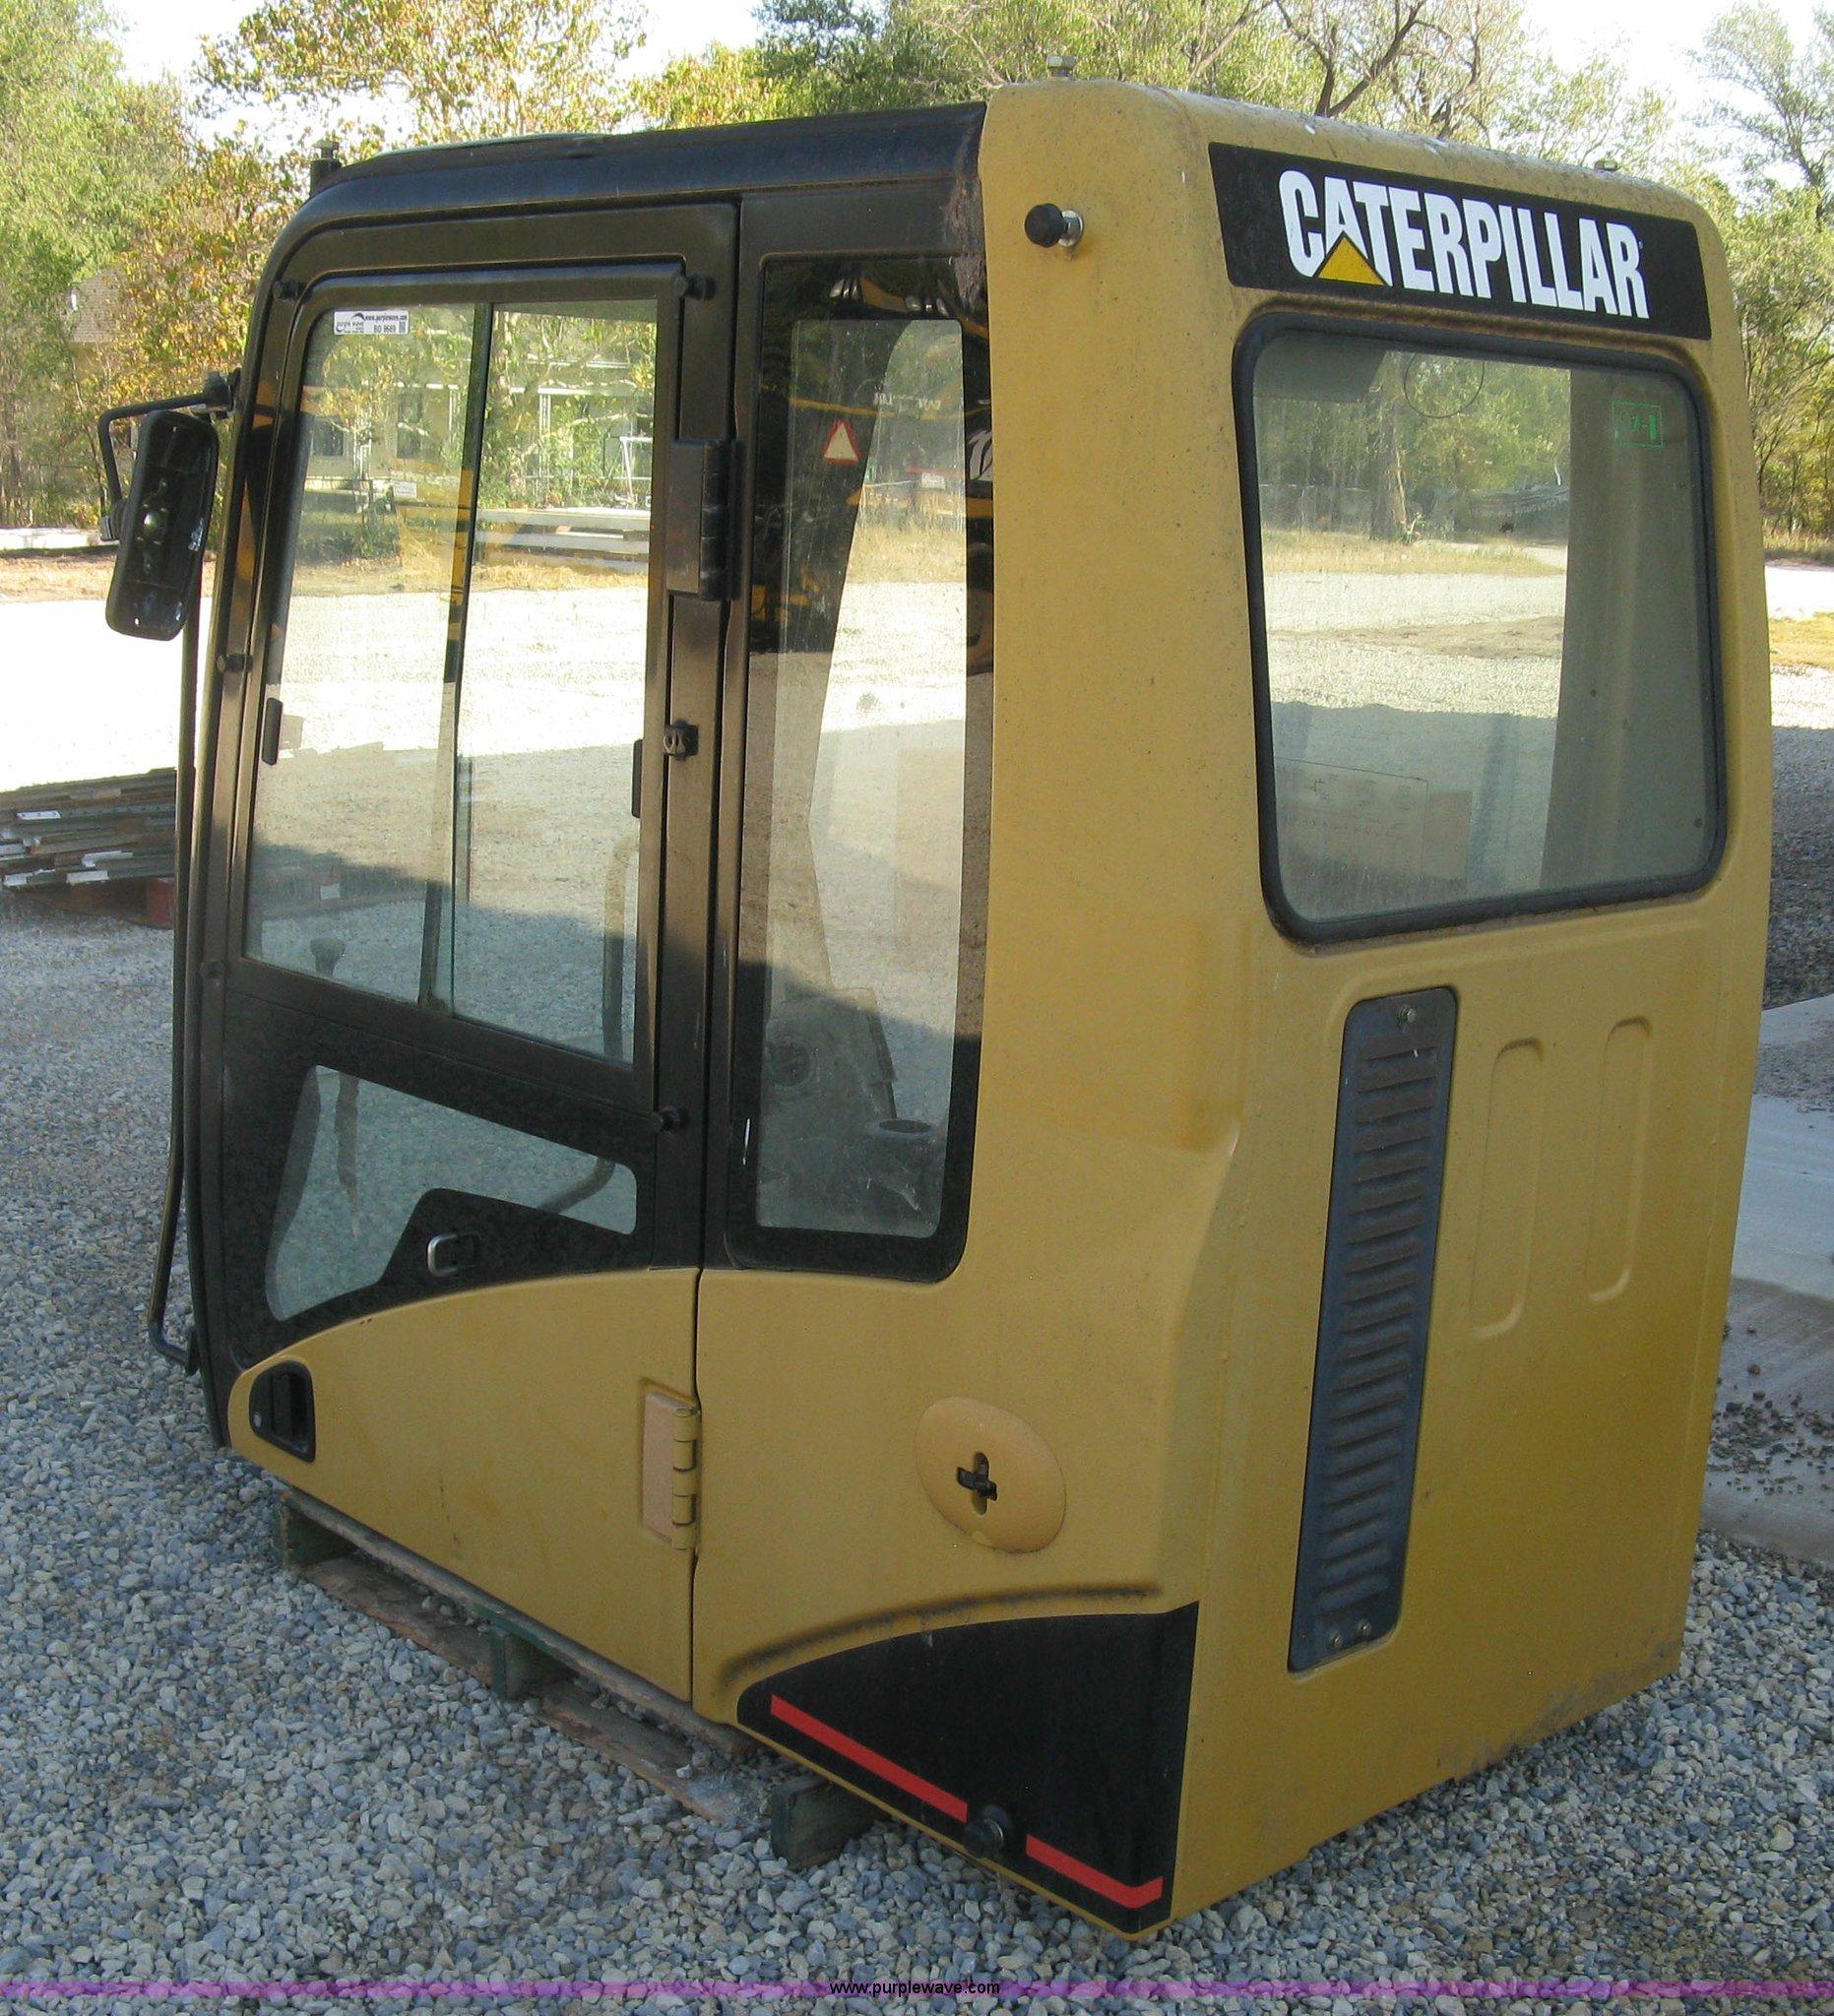 Caterpillar 315CL excavator cab | Item BD9689 | SOLD! Decemb